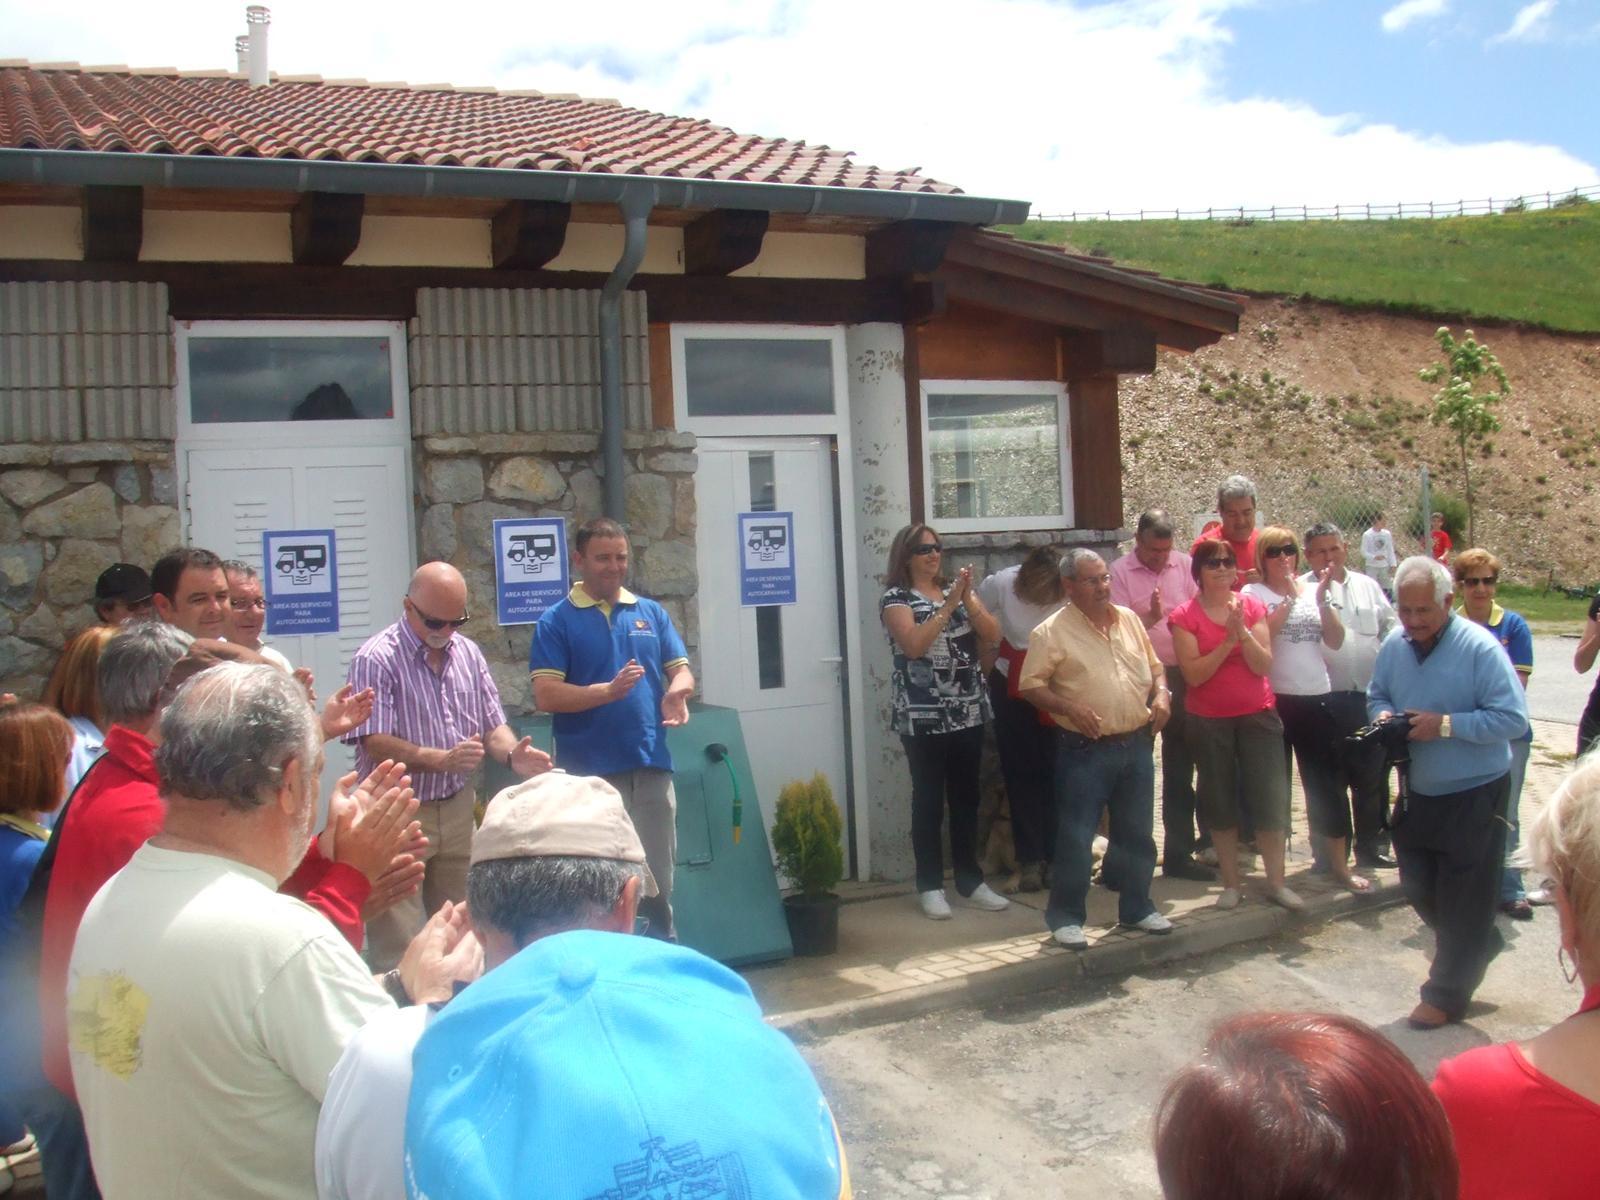 inauguracion de area privada en camping Riaño(Leon)28-29 y 30 de Mayo - Página 2 DSCF7673